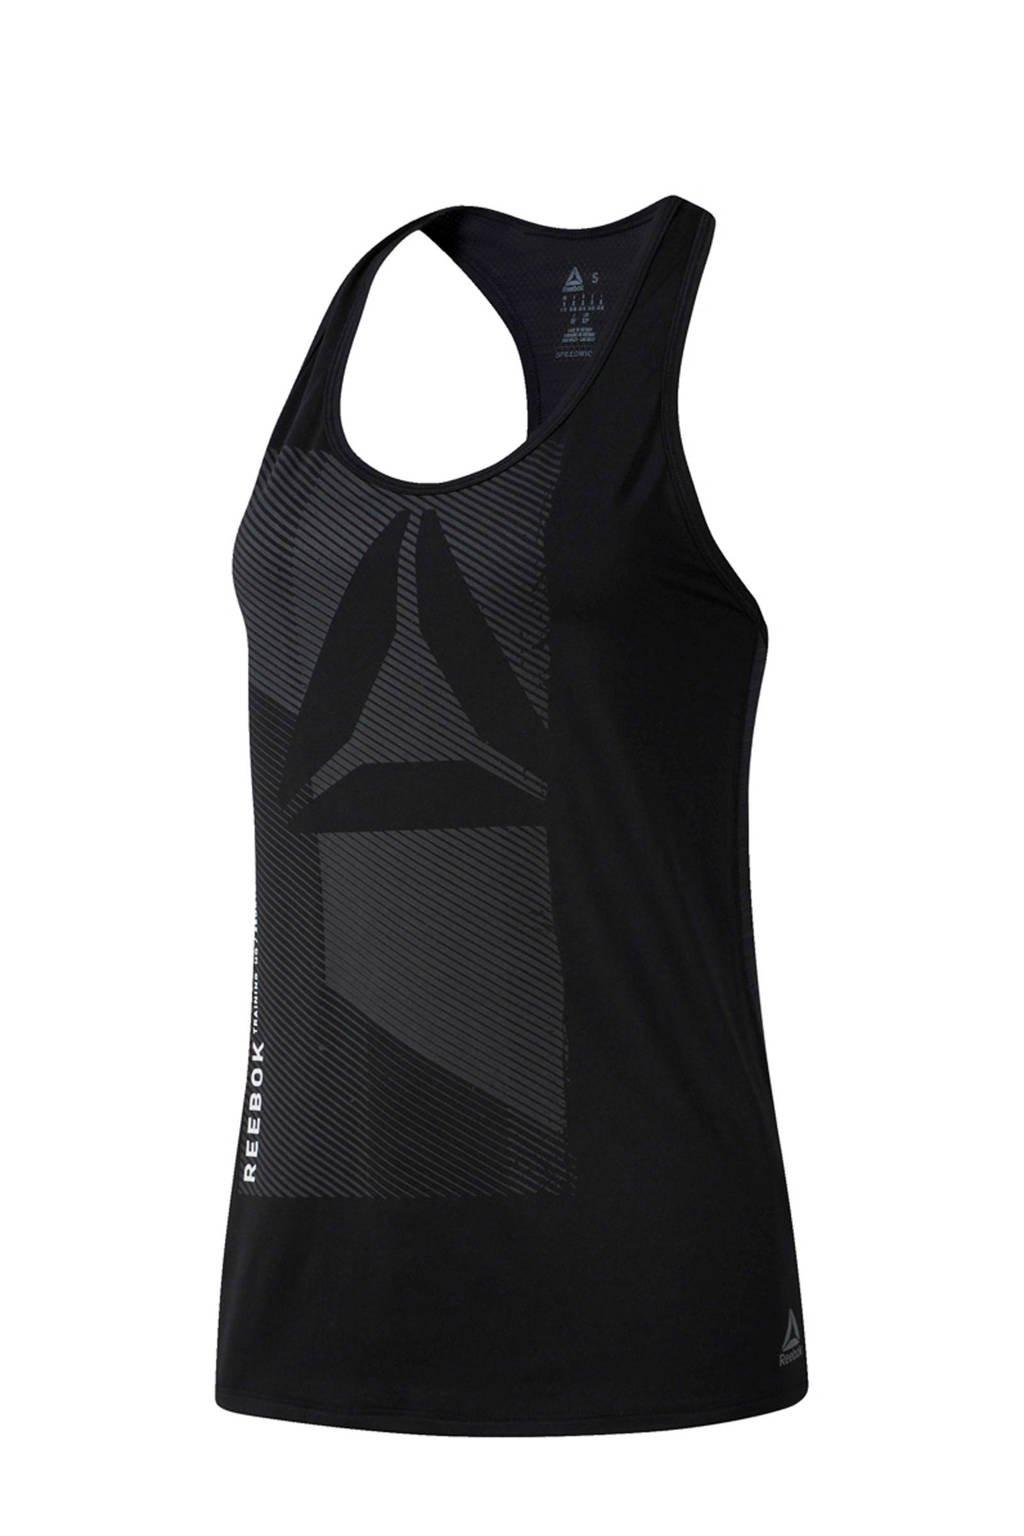 Reebok sporttop zwart, Zwart/grijs